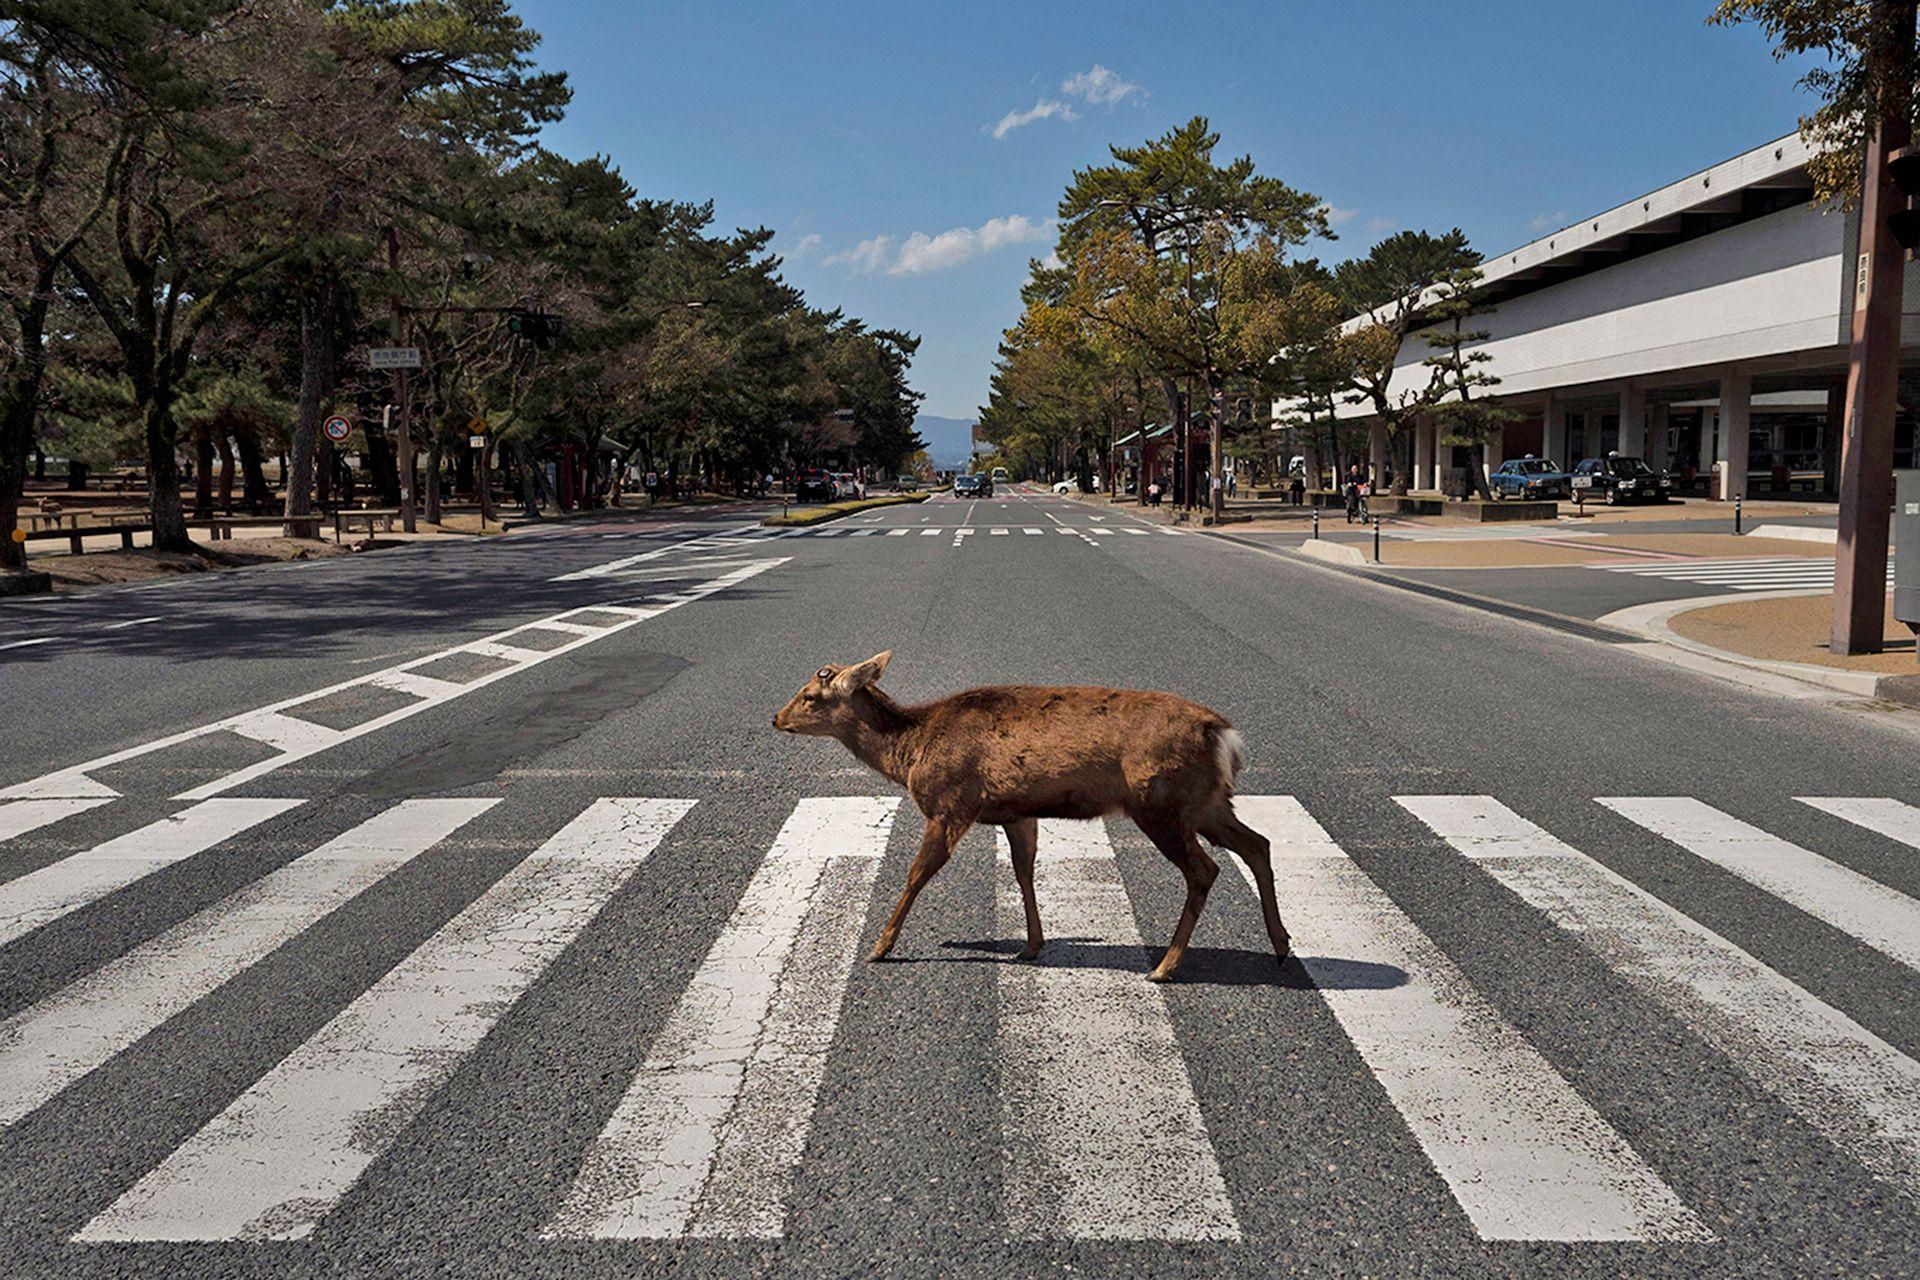 A pesar de la disminución del turismo en la ciudad, estos animales salvajes están bien sin golosinas de los turistas, según un grupo de protección de venados